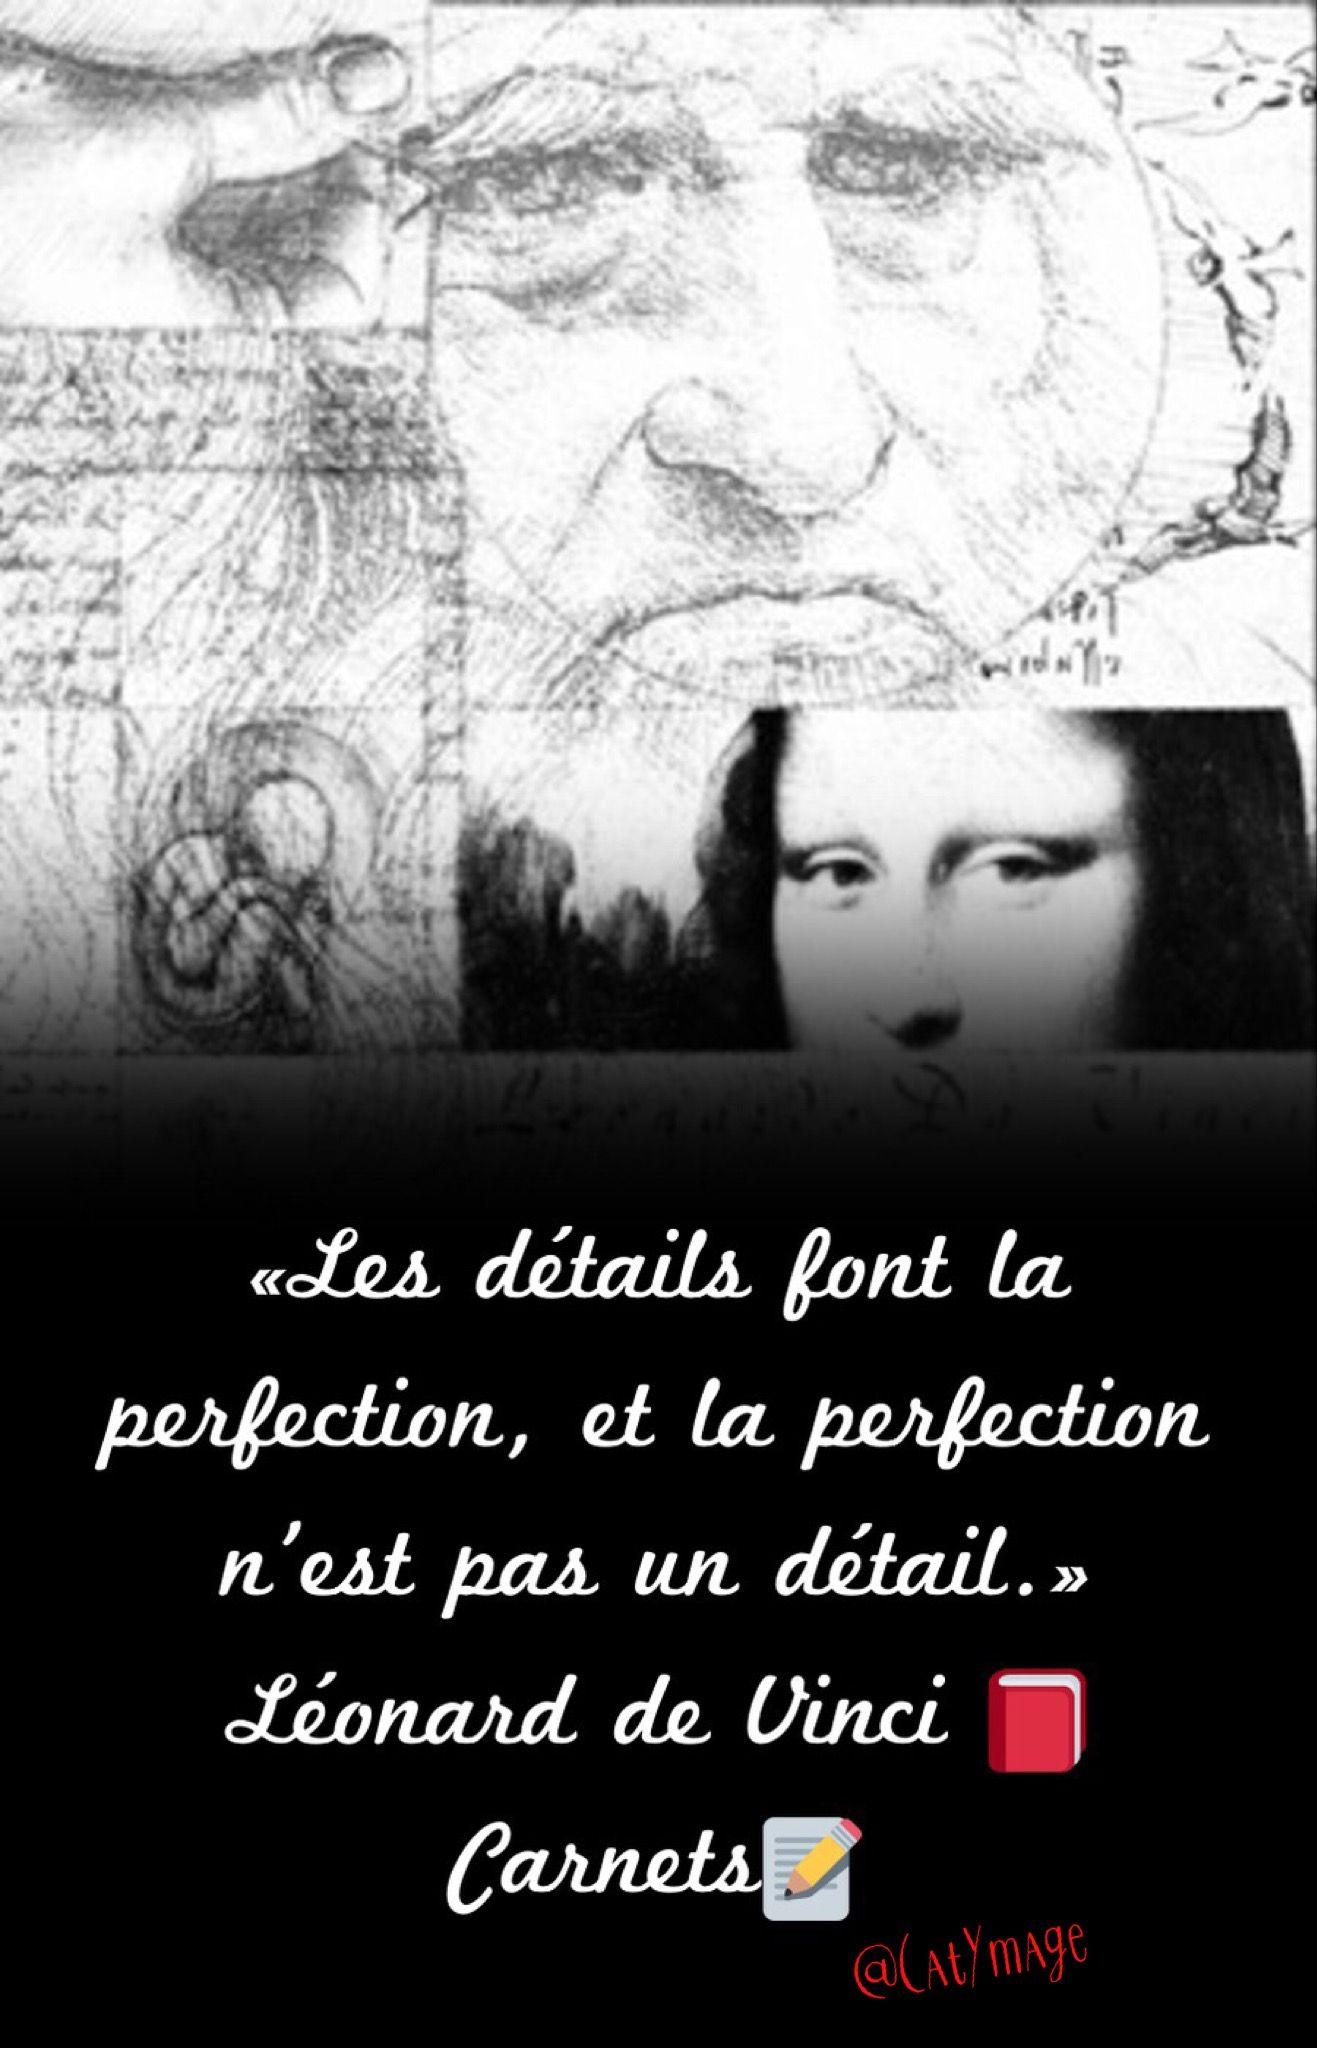 Les Détails Font La Perfection Et La Perfection N'est Pas Un Détail : détails, perfection, n'est, détail, Détails, Perfection,, Perfection, N'est, Détail.», Léonard, Vinci, Carnets, Leonard, Vinci,